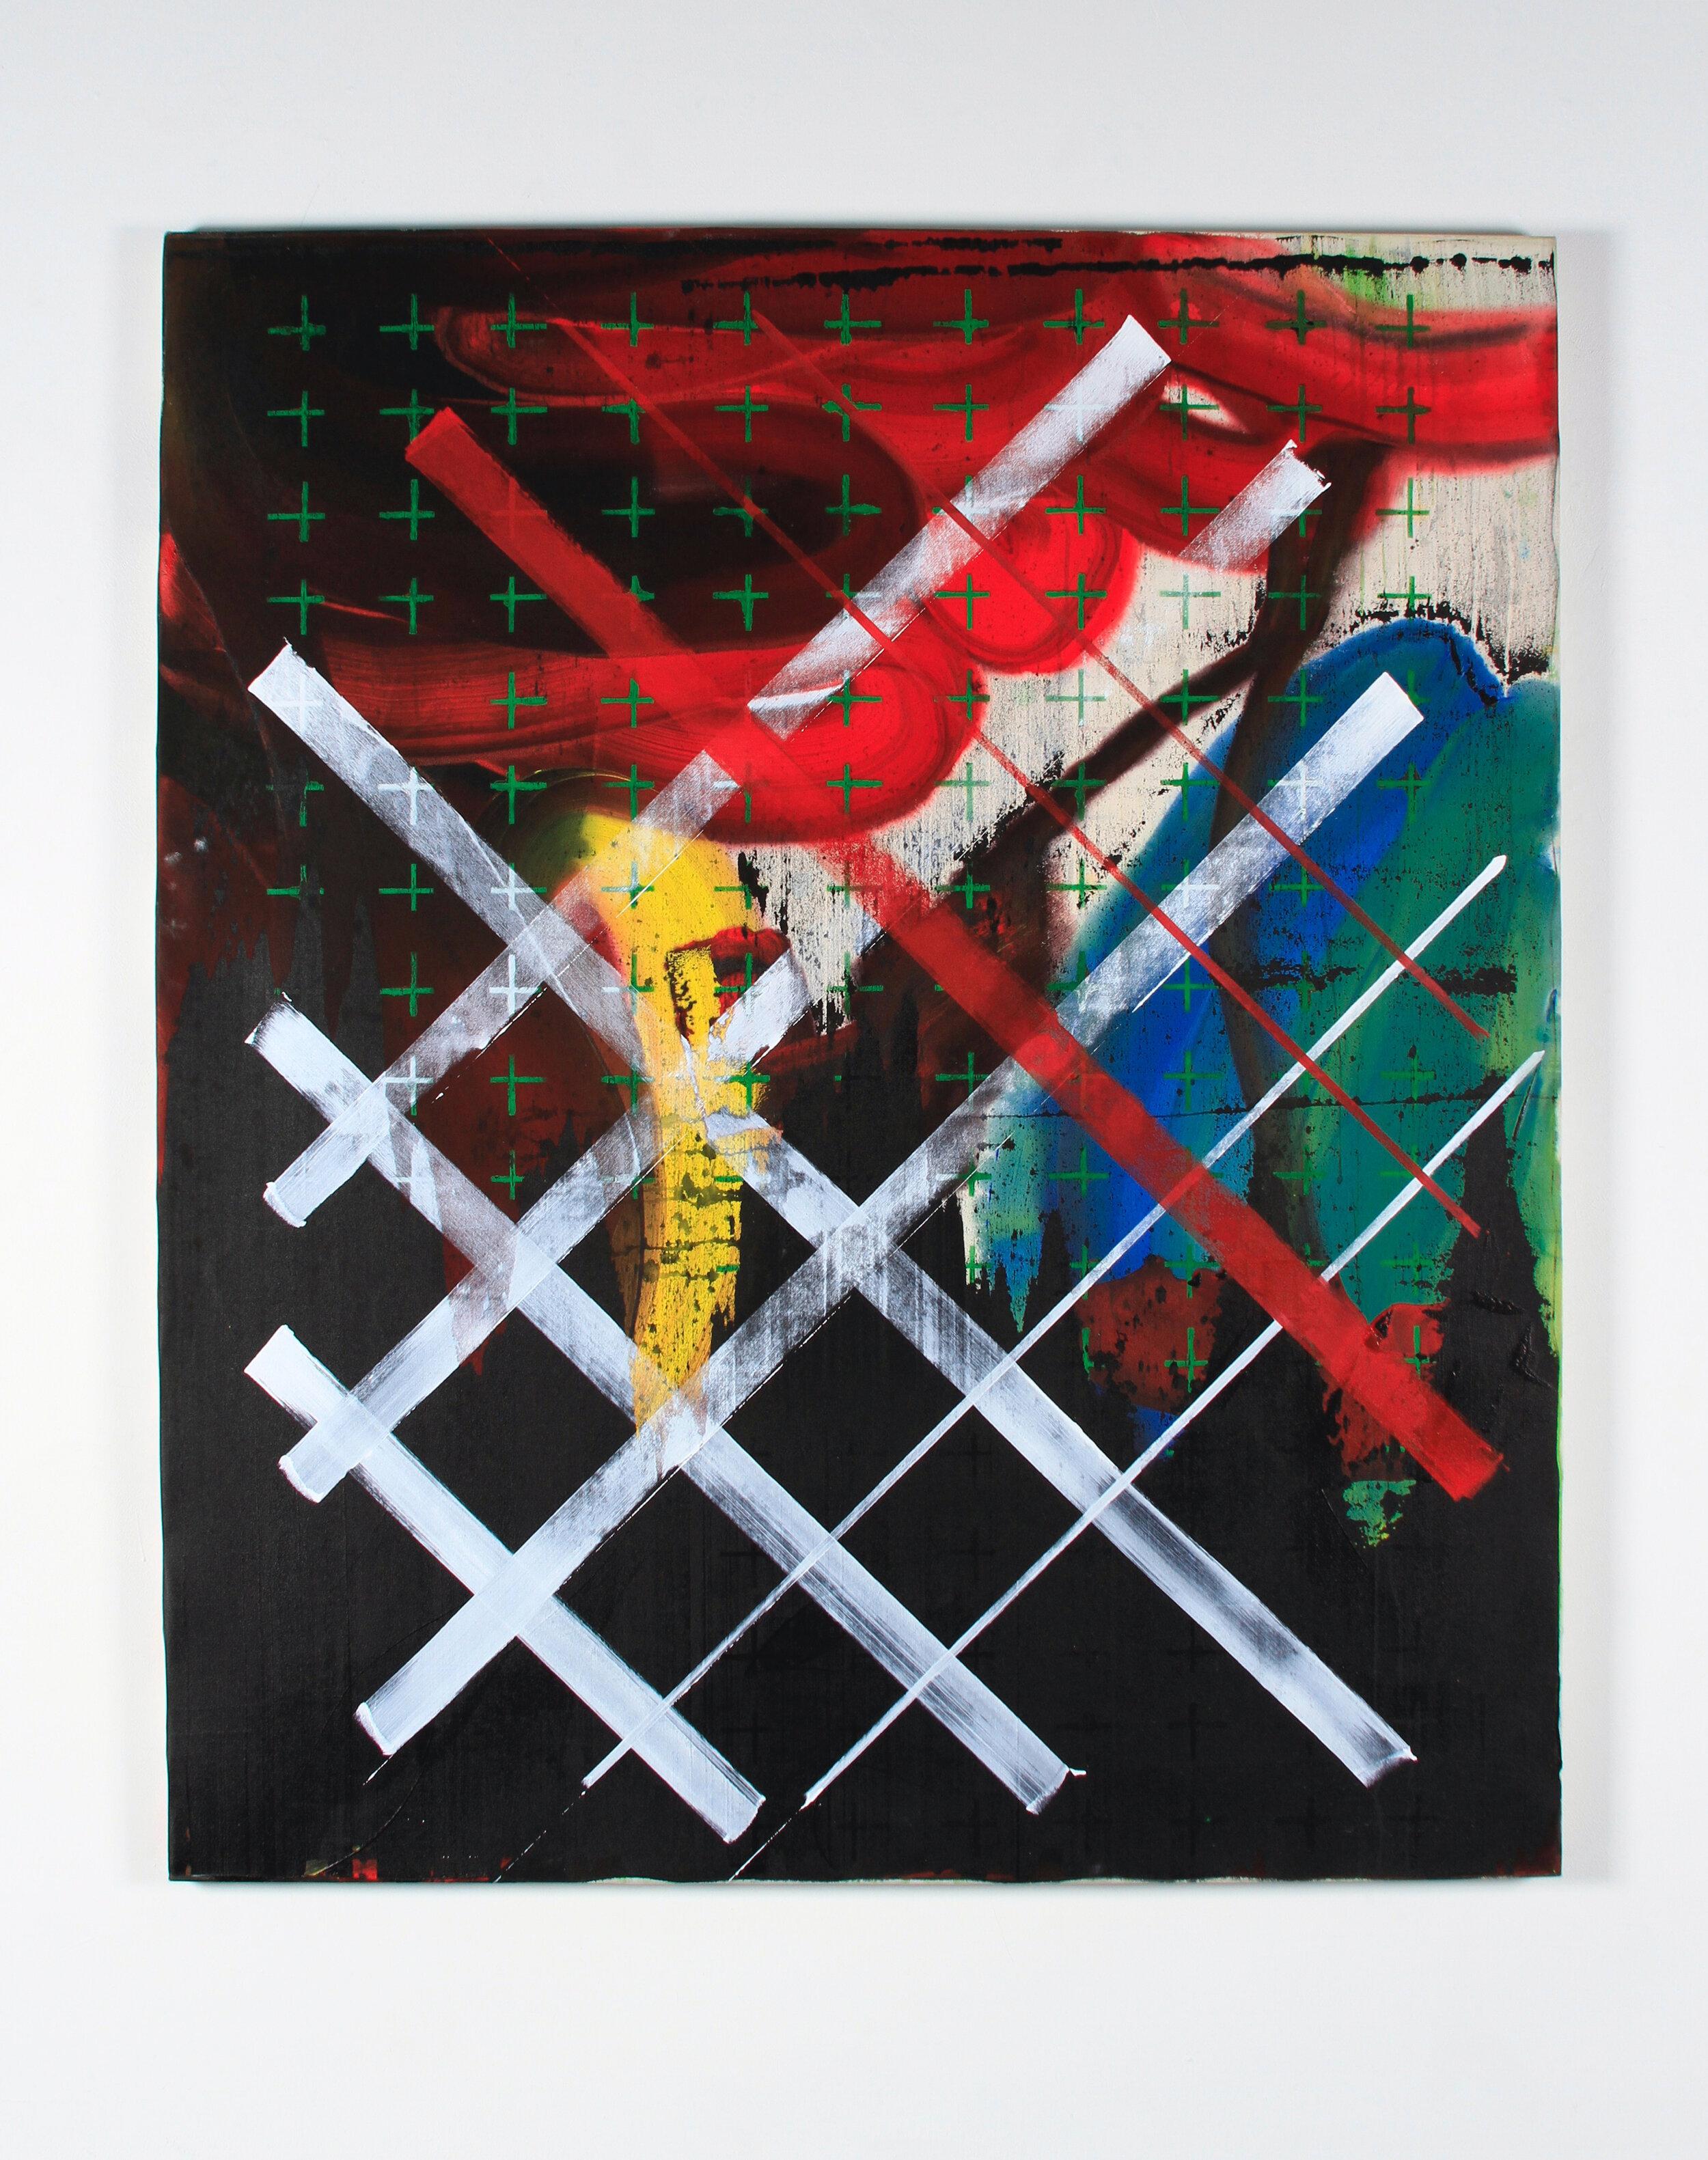 """Ed Moses, Woosh #1, 2016, acrylic on canvas, 78"""" x 66"""""""